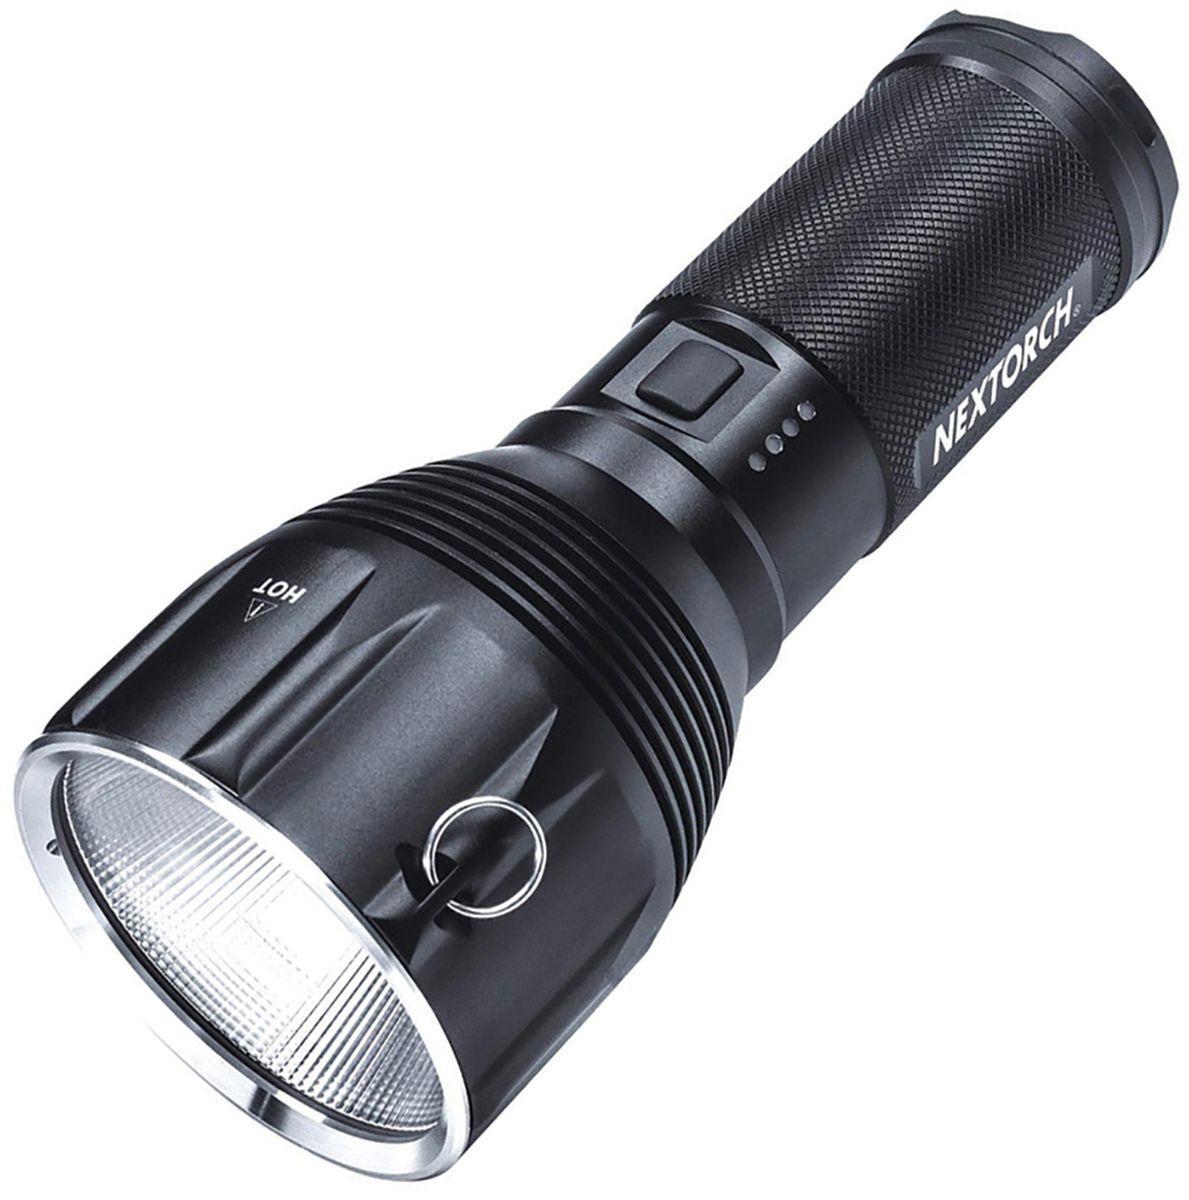 Фонарь ручной Nextorch Saint Torch 10, цвет: черныйSAINT TORCH 10Фонарь аккумуляторный Nextorch SAINT TORCH 10, 1 диод CREE XHP 70, 3200Lum, 7 режимов, аккумулятор 10400mAh и пластиковый боксSaint Torch 10 - это ультраяркий перезаряжаемый свет для поиска, используя один светодиод CREE XHP 70 для подачи мощности до 3200 люмен. Аккумуляторная батарея с высокой емкостью 10400 мАч поддерживает этот дополнительный инструмент с высокой выносливостью, обеспечивающий 120 часов света. Режимы работы:1. Быстрое включение/выключение (фонарь работает пока вы удерживаете кнопку и выключается, если вы перестаете ее нажимать, при нажатии до щелчка фонарь переходит в режим постоянного свечения и дальнейшего выбора режимов работы). 2. Полная яркость - 3200 люм. 3. Яркость - 1650 люм. 4. Яркость - 460 люм. 5. Яркость - 65 люм. 6. Стробоскоп. 7. SOS. Фонарь аккумуляторный SAINT TORCH 10, 1 диод CREE XHP 70, 3200LumПластиковый бокс в космплекте. Технические характеристики:Дальность света: 285 м. Количество режимов: 7Батарея: 1 x 10400mAh литий-ионный аккумулятор (в комплекте)Водонепроницаемость: до 1 метра (стандарт IPX-8) Ударопрочность: до 1 м Размер: 196 мм х 85 мм х 52 ммВес с упаковкой: 1856 гКомпания Nextorch уделяет особенное внимание производству инновационных переносных осветительных приборов. Применение самых передовых технологий освещения позволяет использовать максимально яркие источники света, достигая при этом невероятной эффективности и исключительной долговечности элементов питания. Использование материалов аэрокосмических технологий - алюминия марки 6061-T6 с жестким анодированным покрытием Mil-Spec III для корпуса и элементов управления, придает фонарям Nextorch прочность, легкость, долговечность и эргономичность.